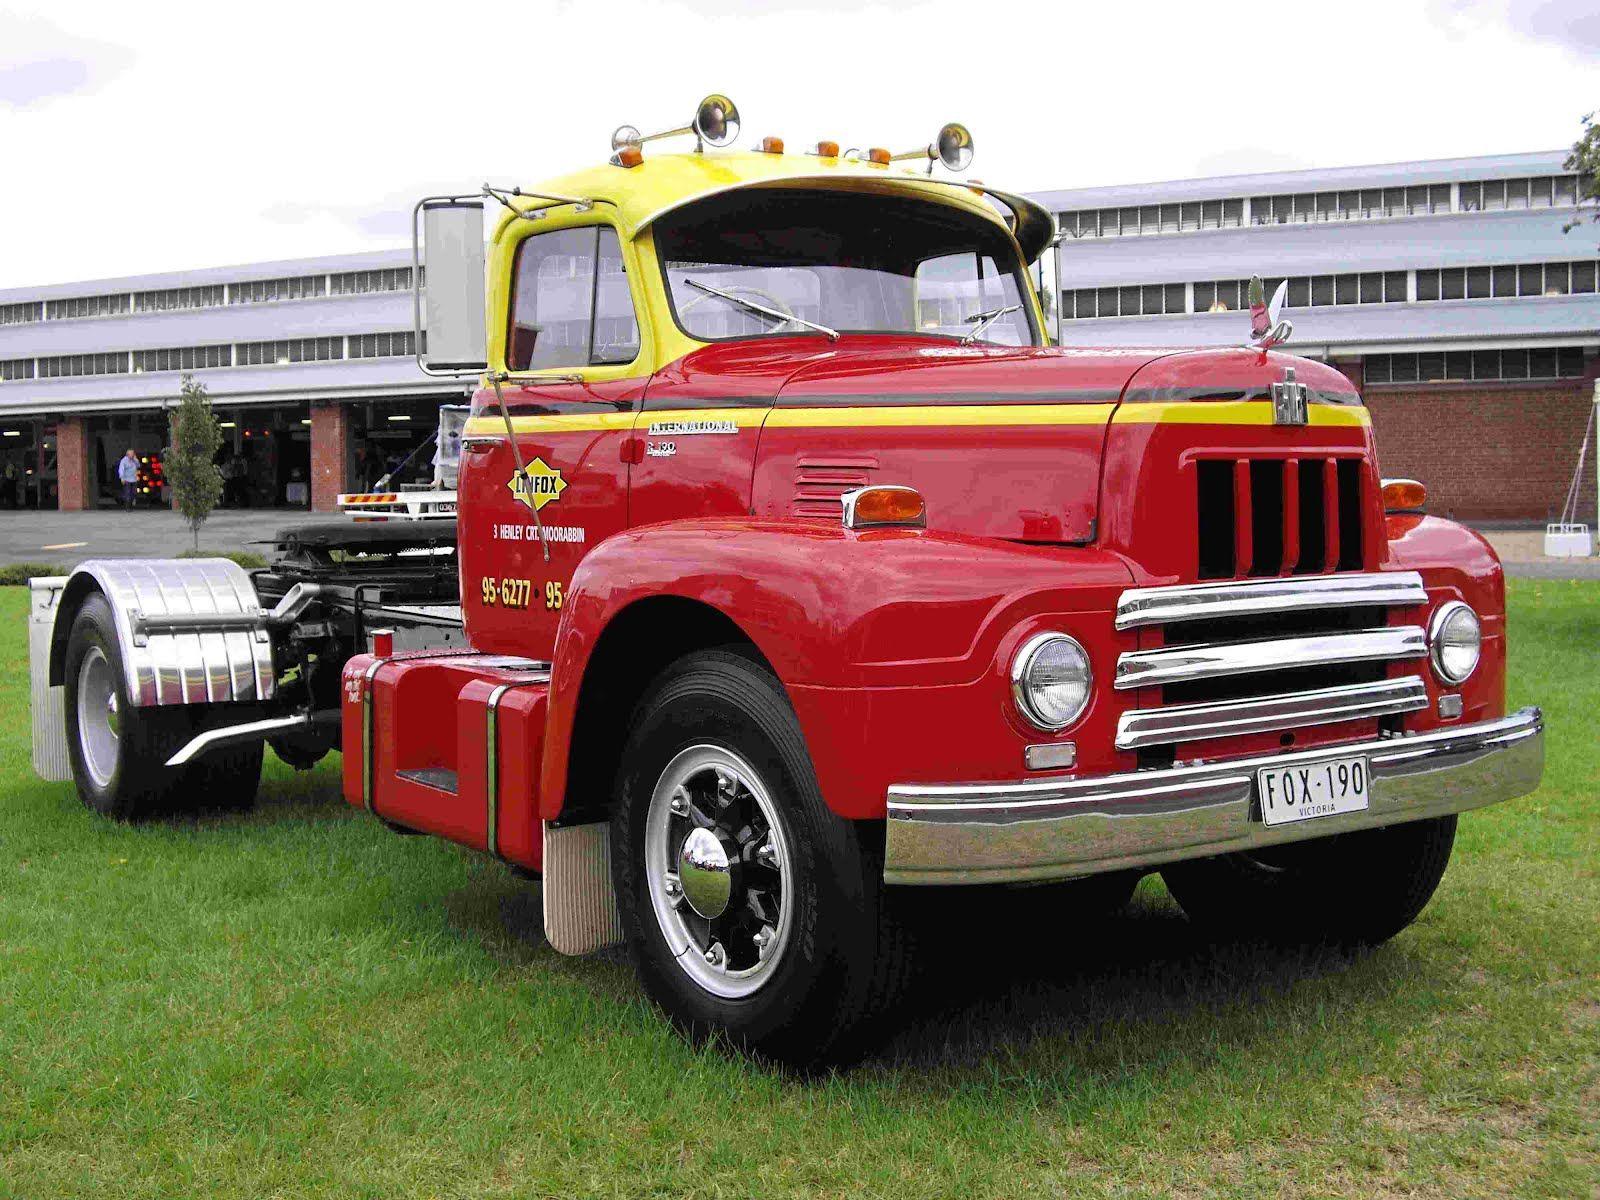 Vehicle - Vehicle - Truck - Semi Tractor Cab - IH R190